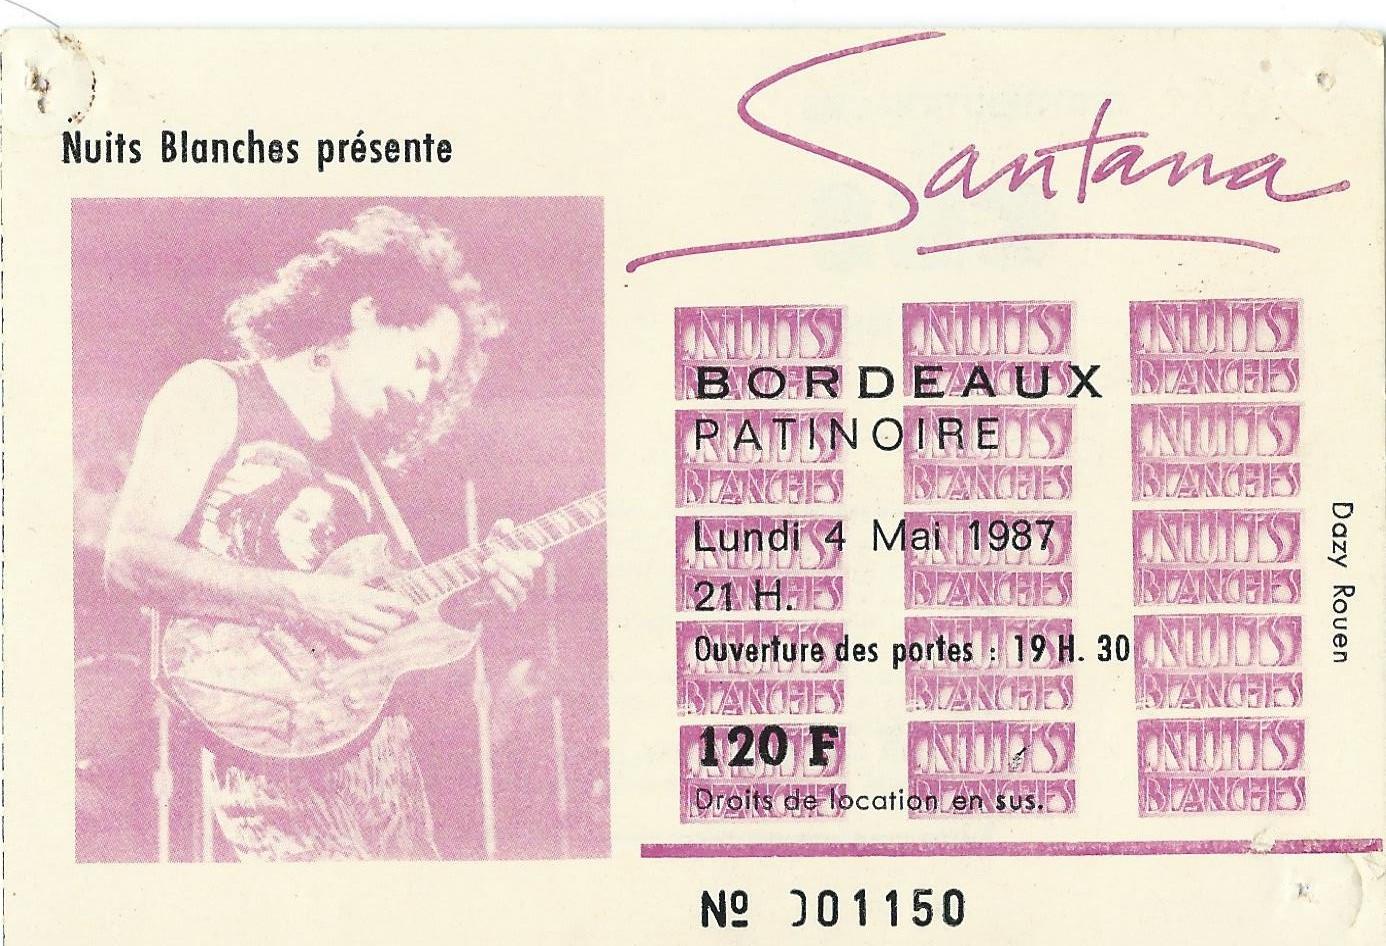 Santana1987-05-04PatinoireDeMeriadeckBordeauxFrance.jpg